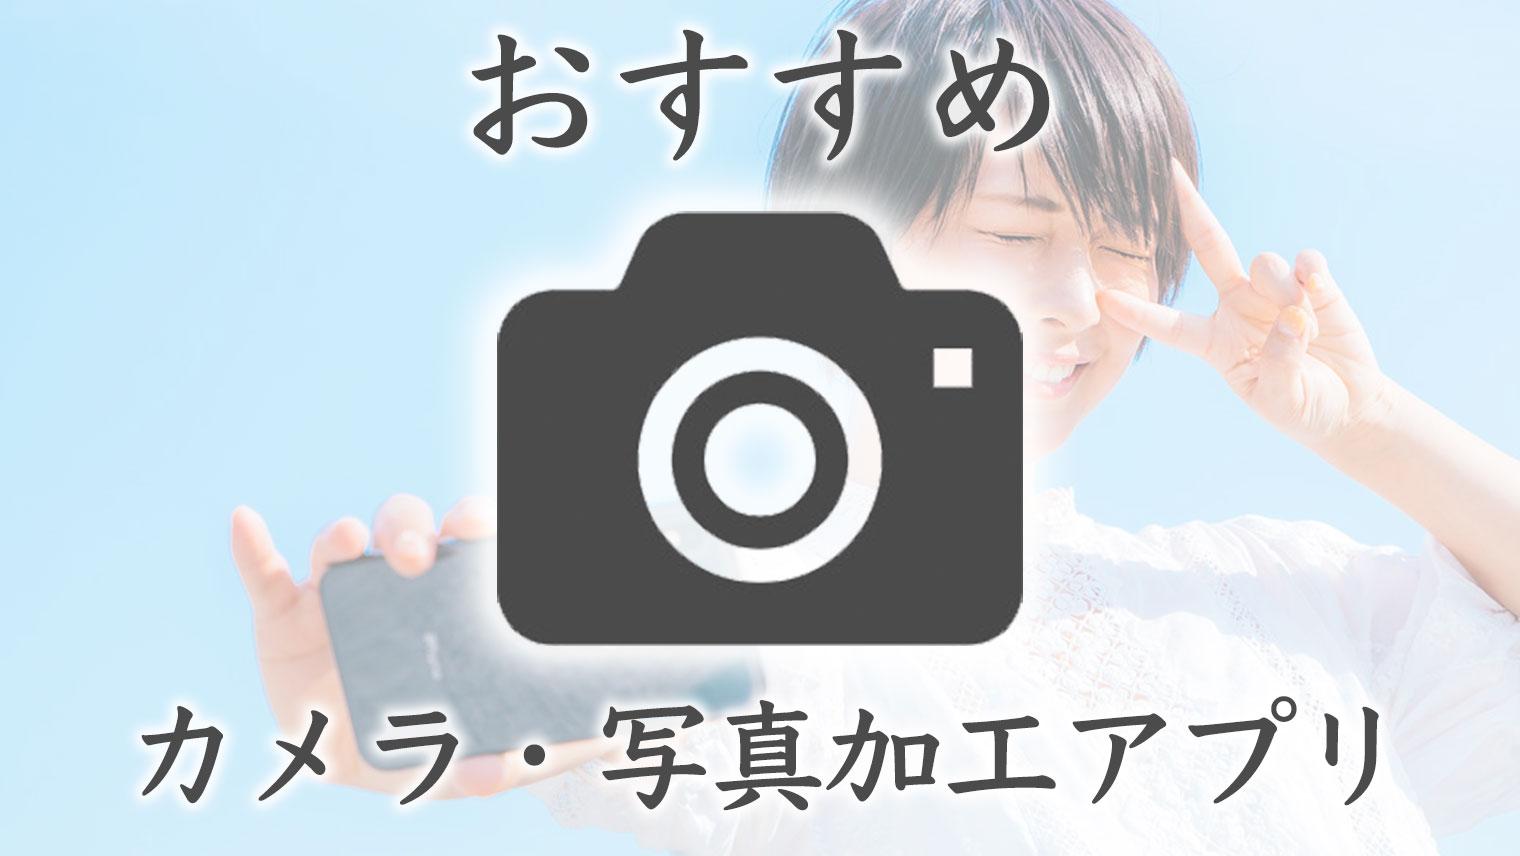 「【自撮り向き】盛れるカメラ・写真加工アプリのおすすめランキング」のアイキャッチ画像